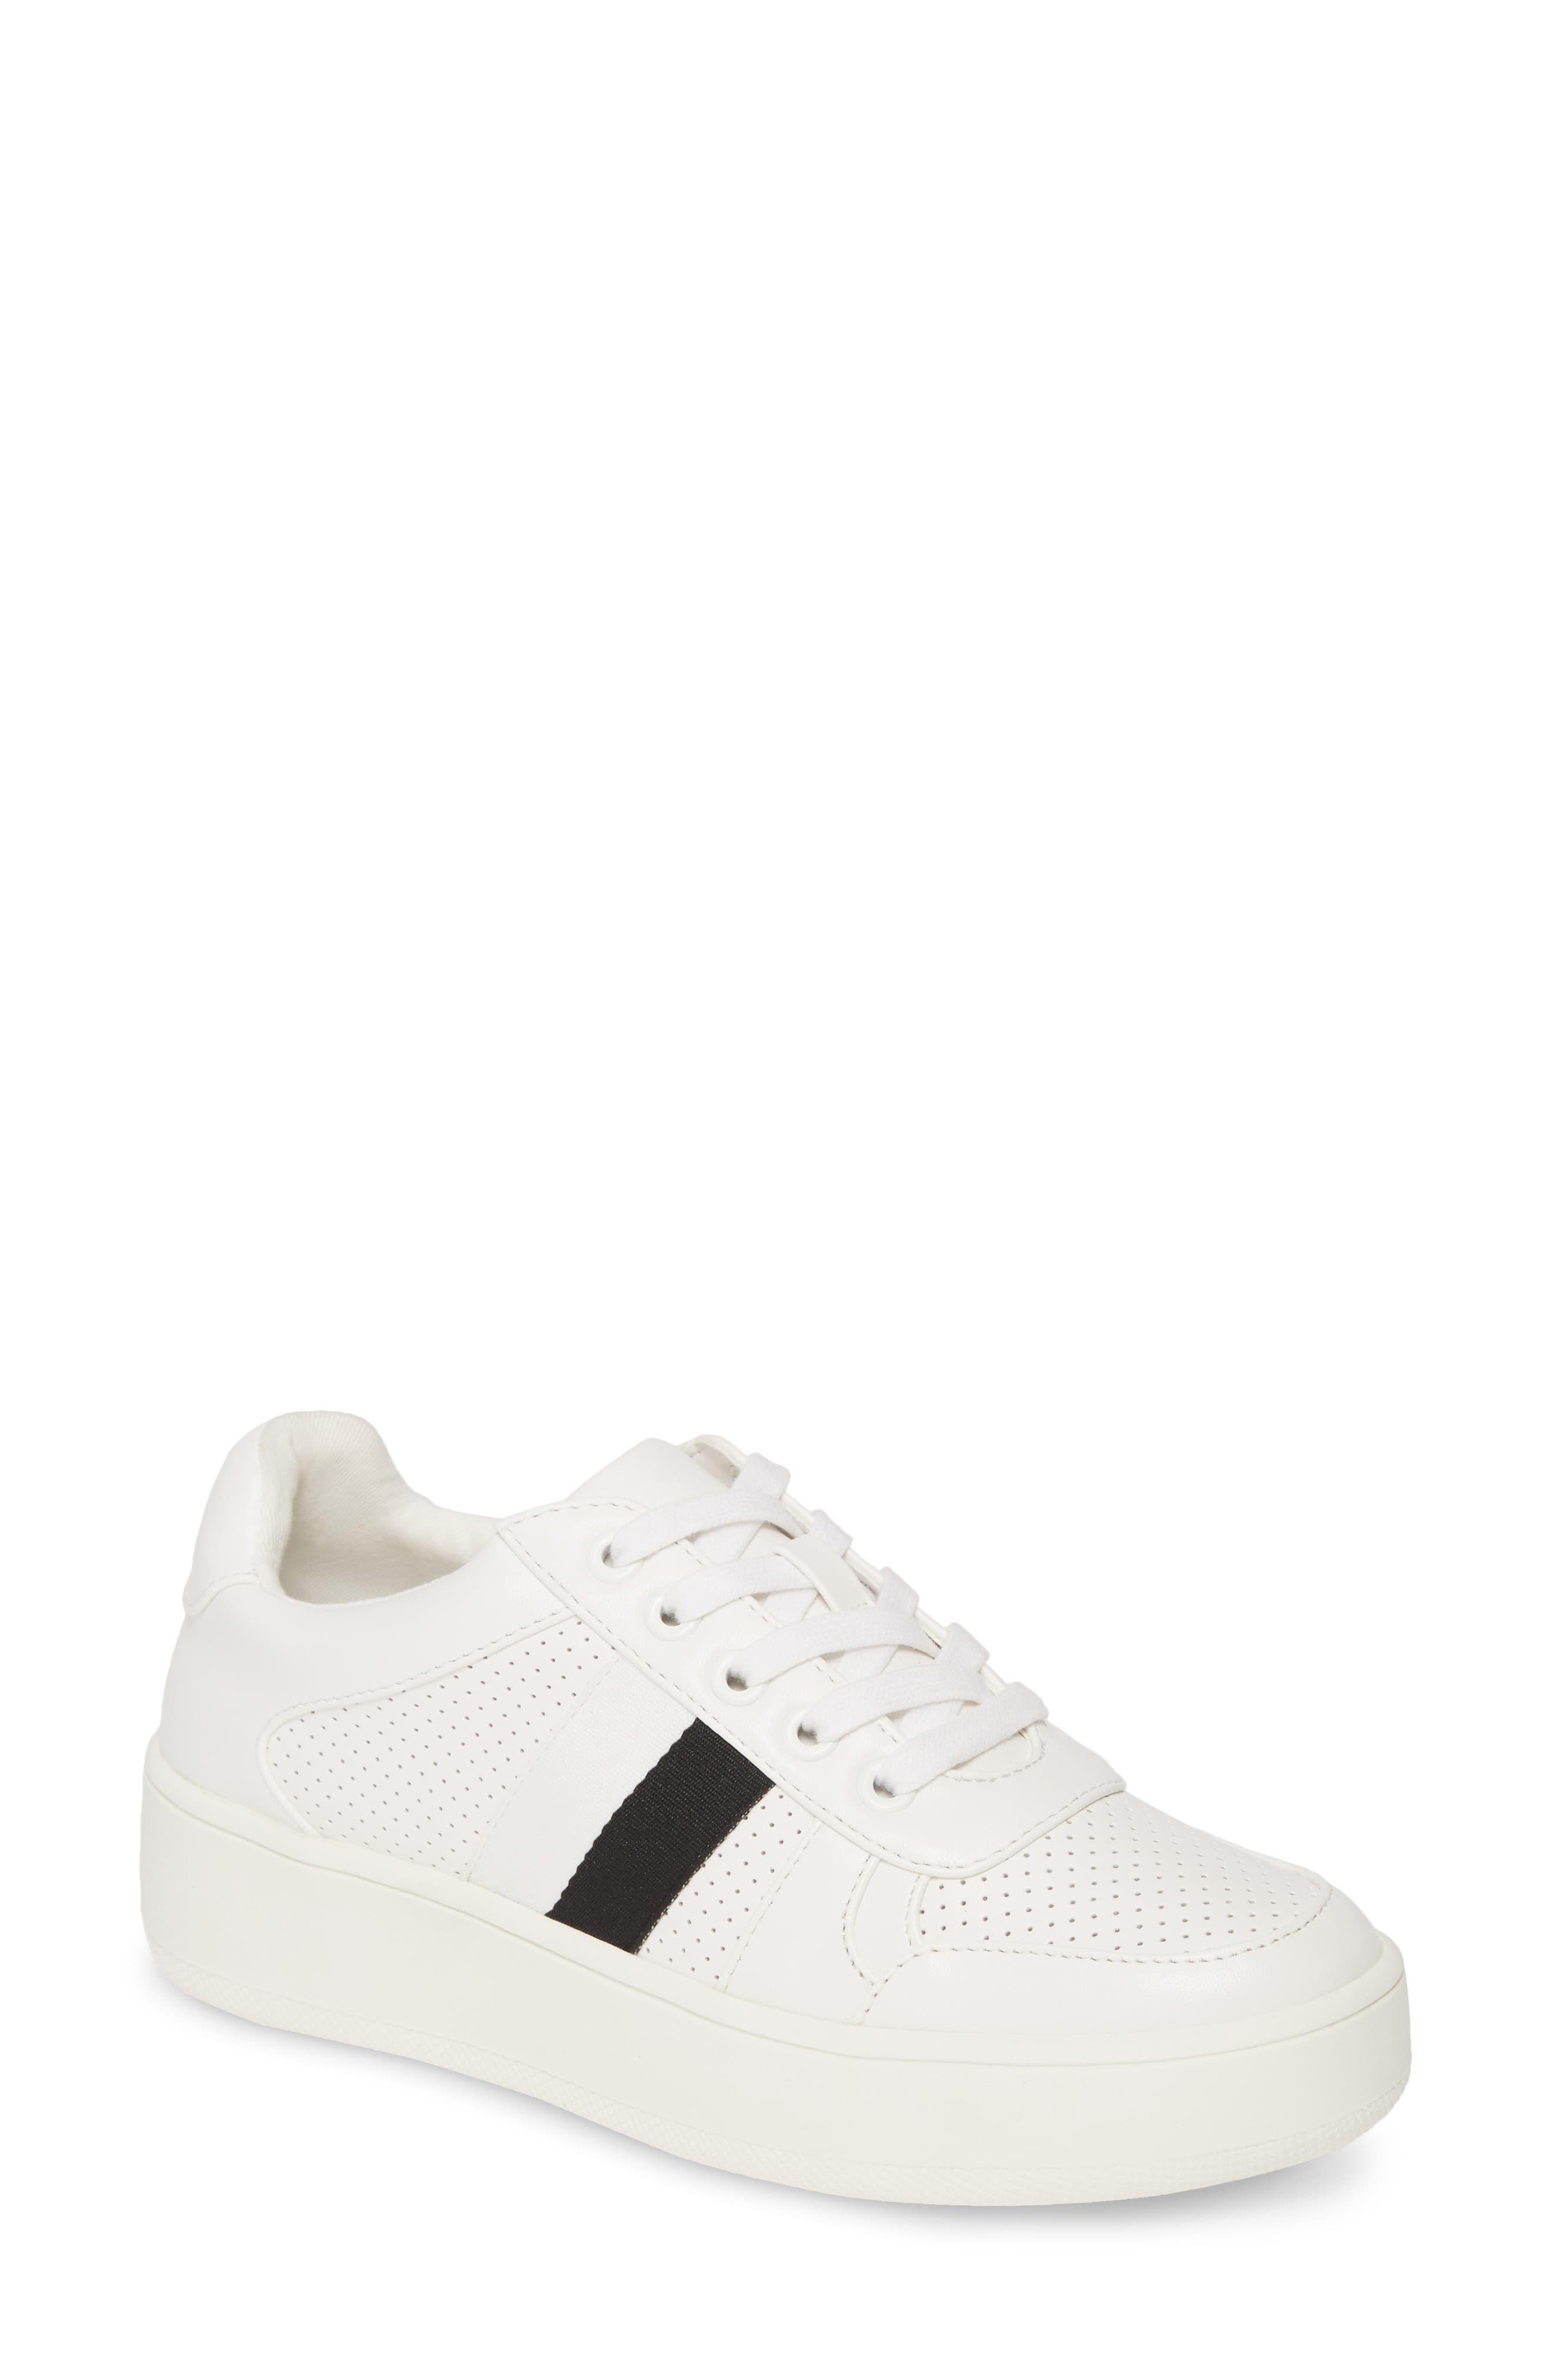 Steve Madden Braden Sneaker available